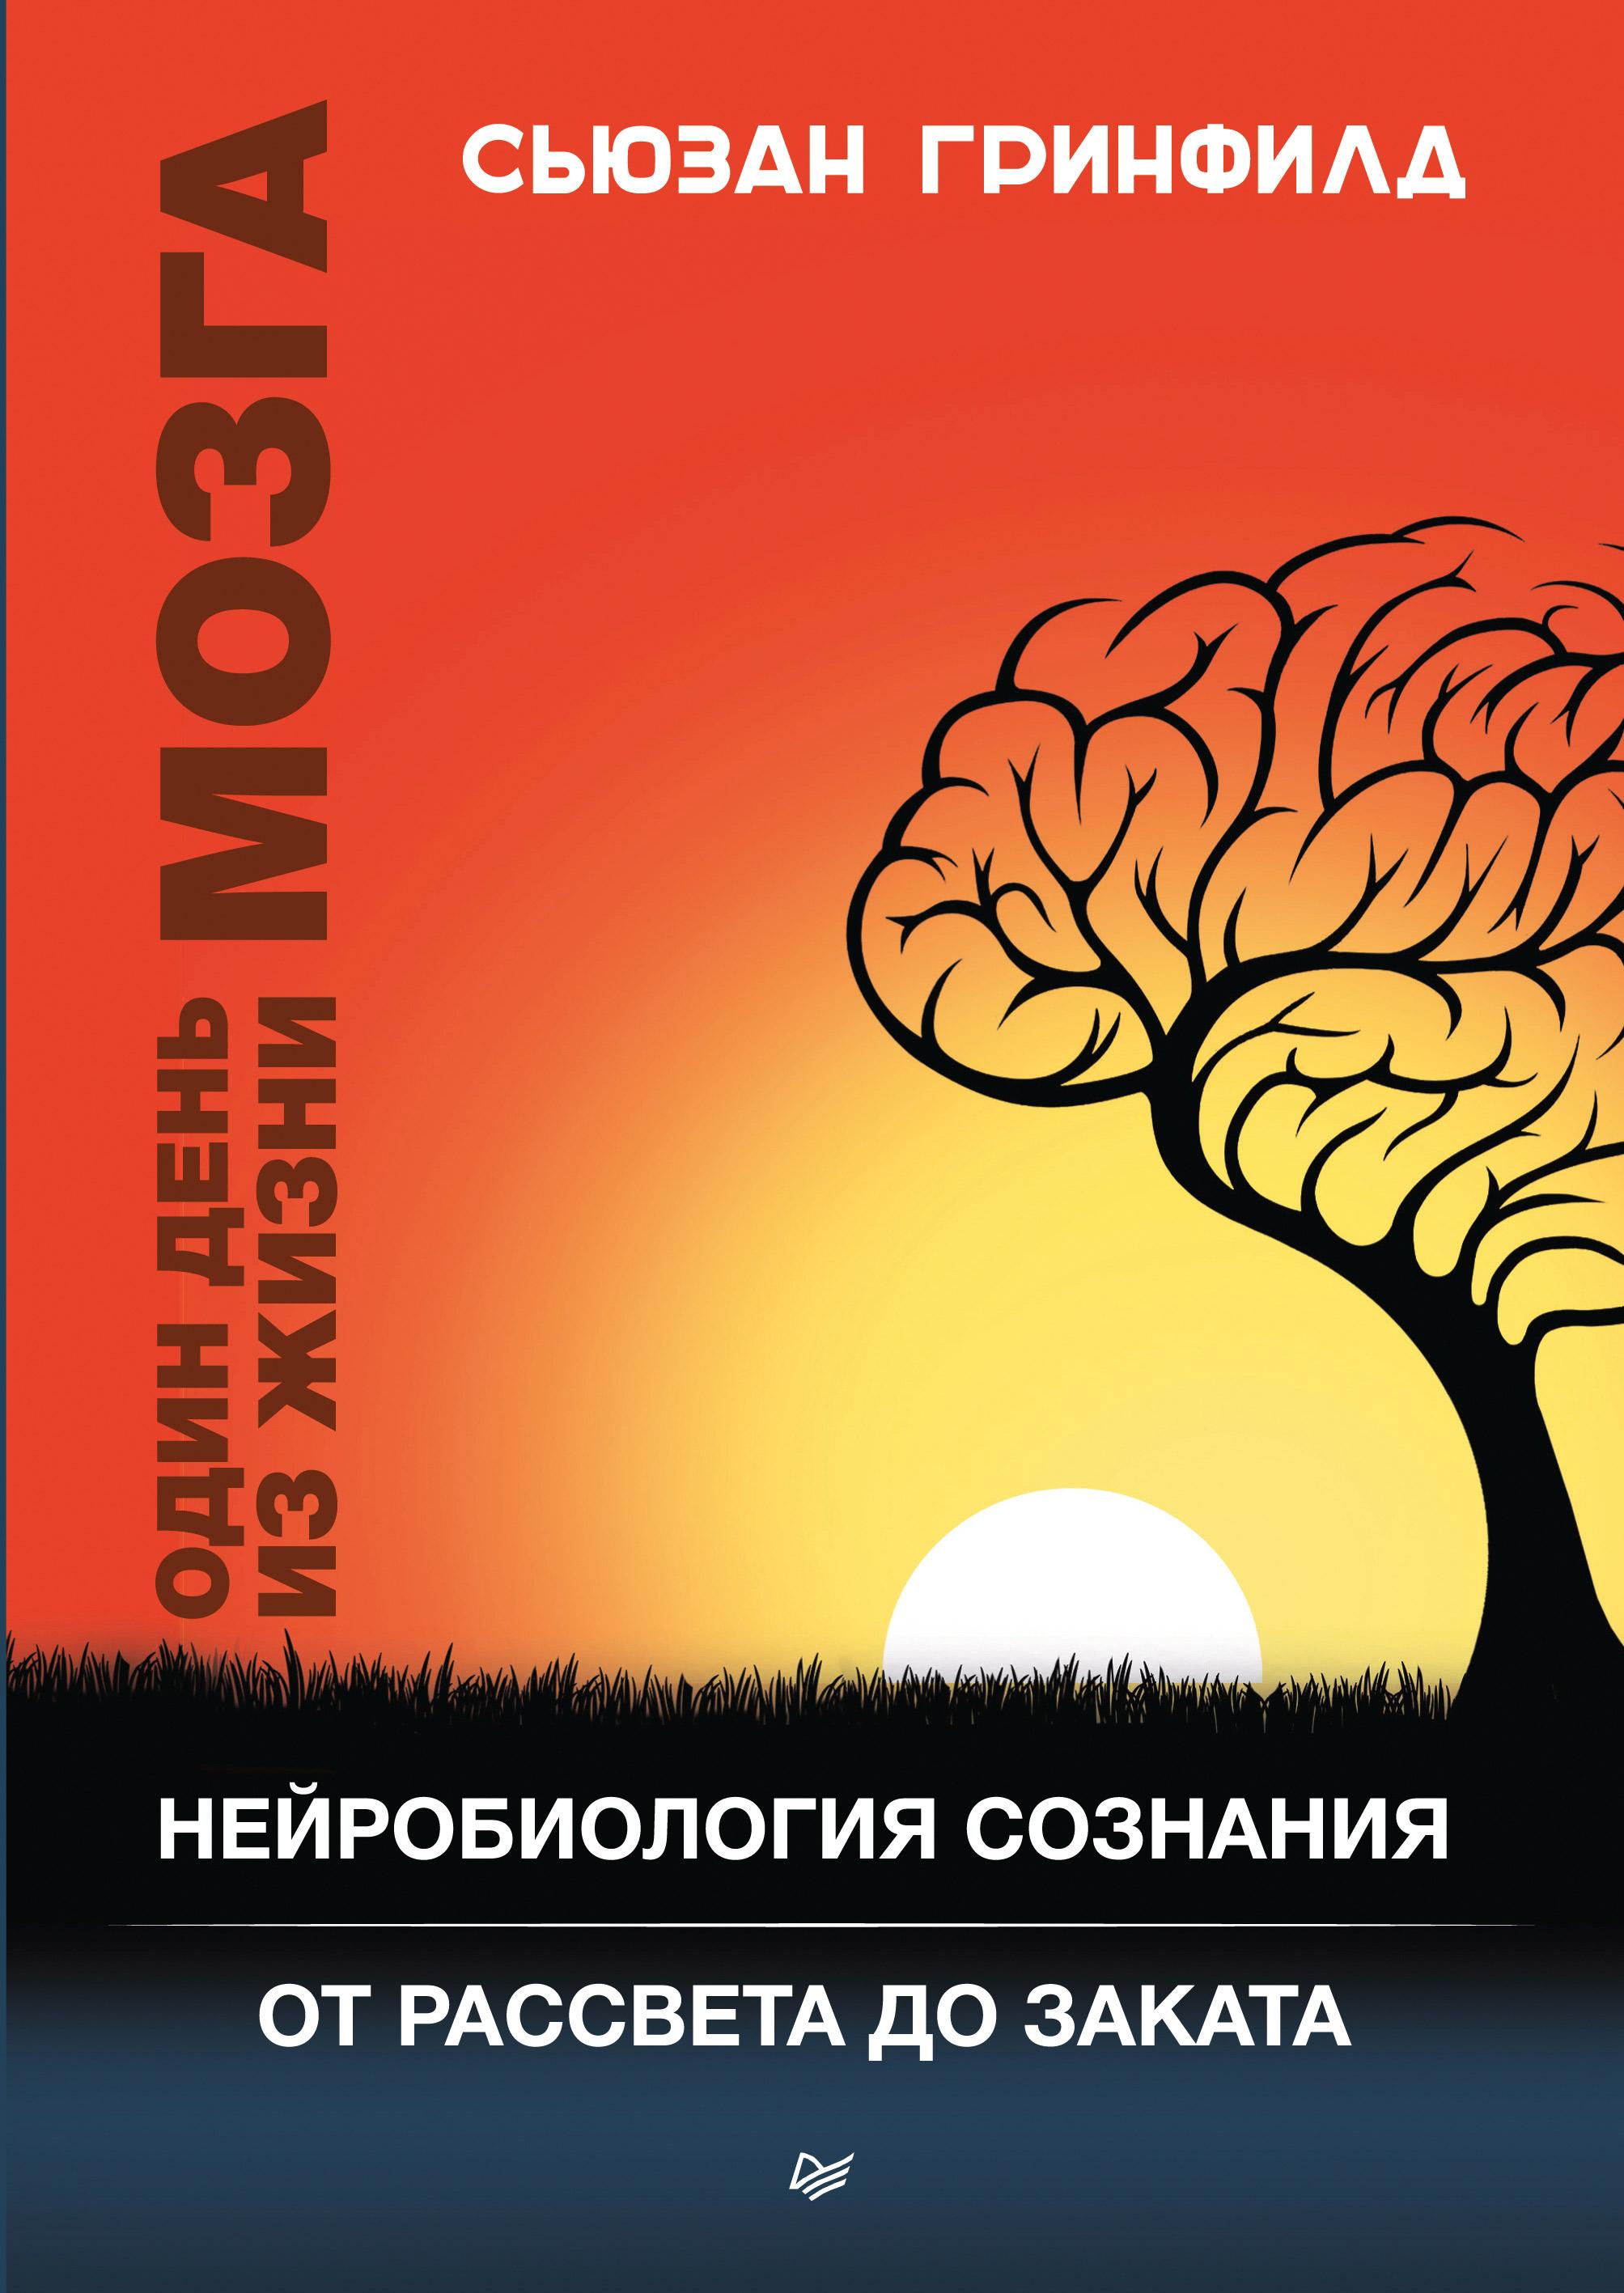 Сьюзан Гринфилд «Один день из жизни мозга. Нейробиология сознания от рассвета до заката»